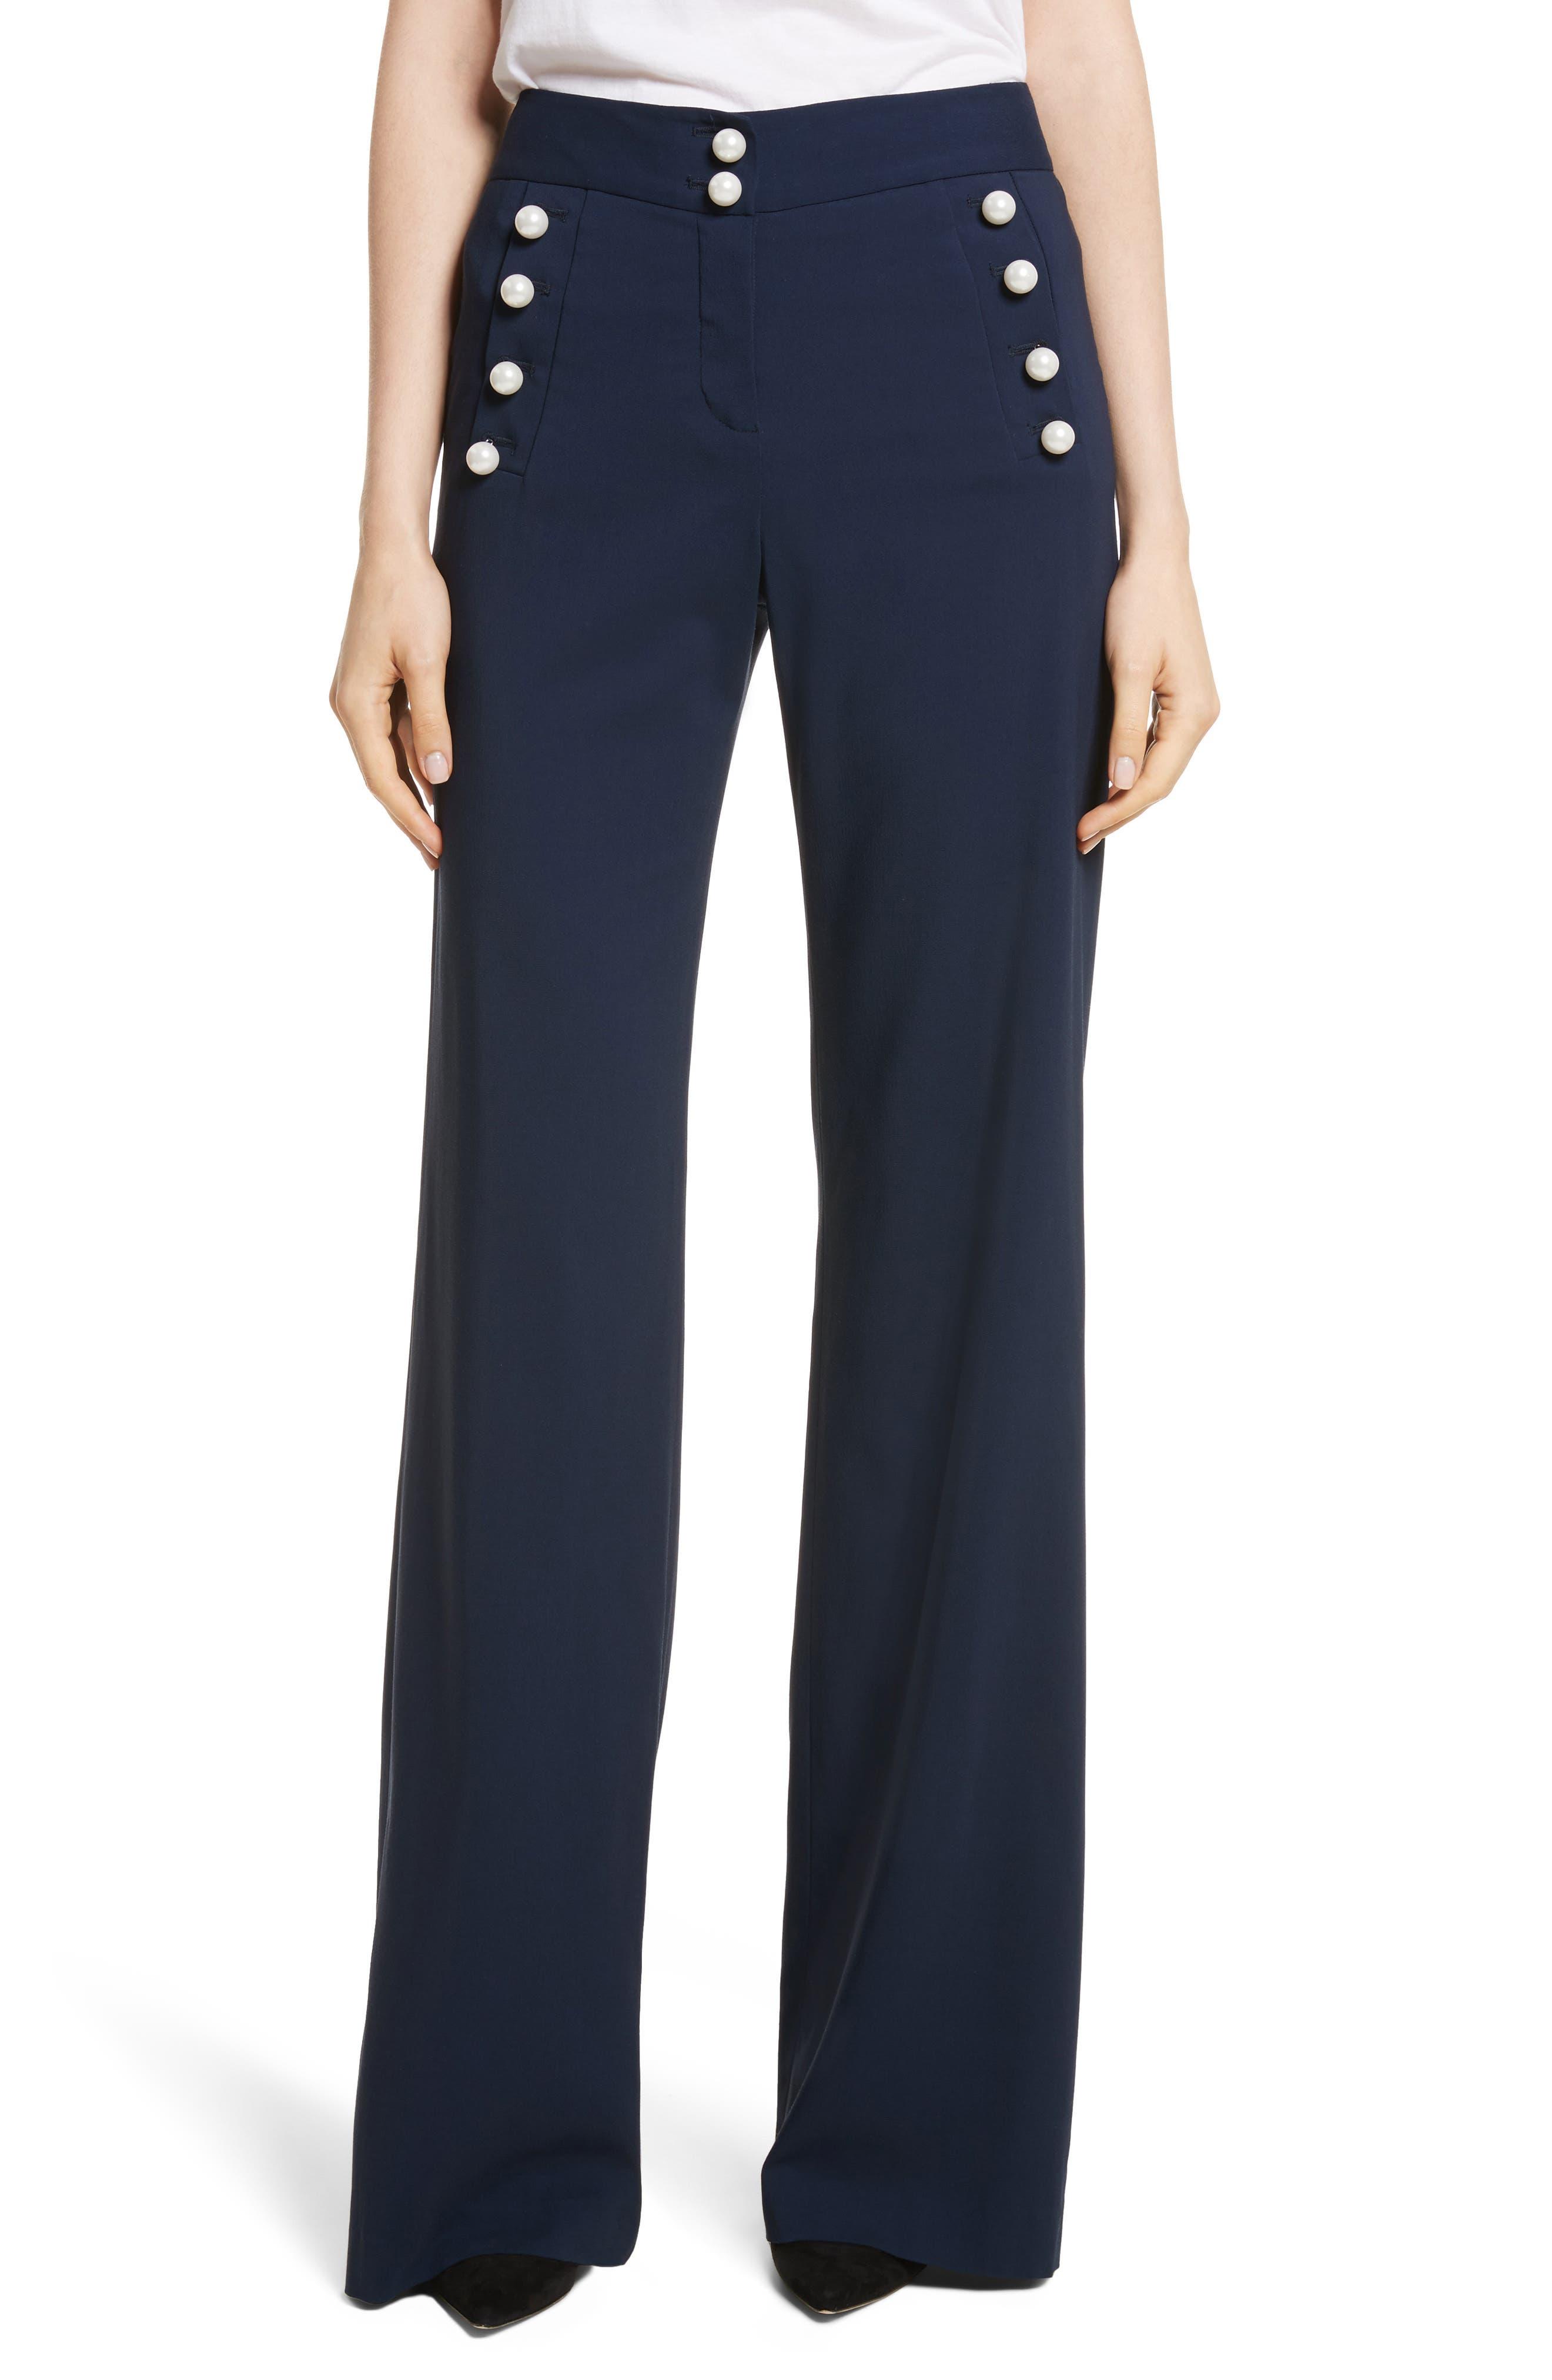 Adley Sailor Pants,                             Main thumbnail 1, color,                             Navy